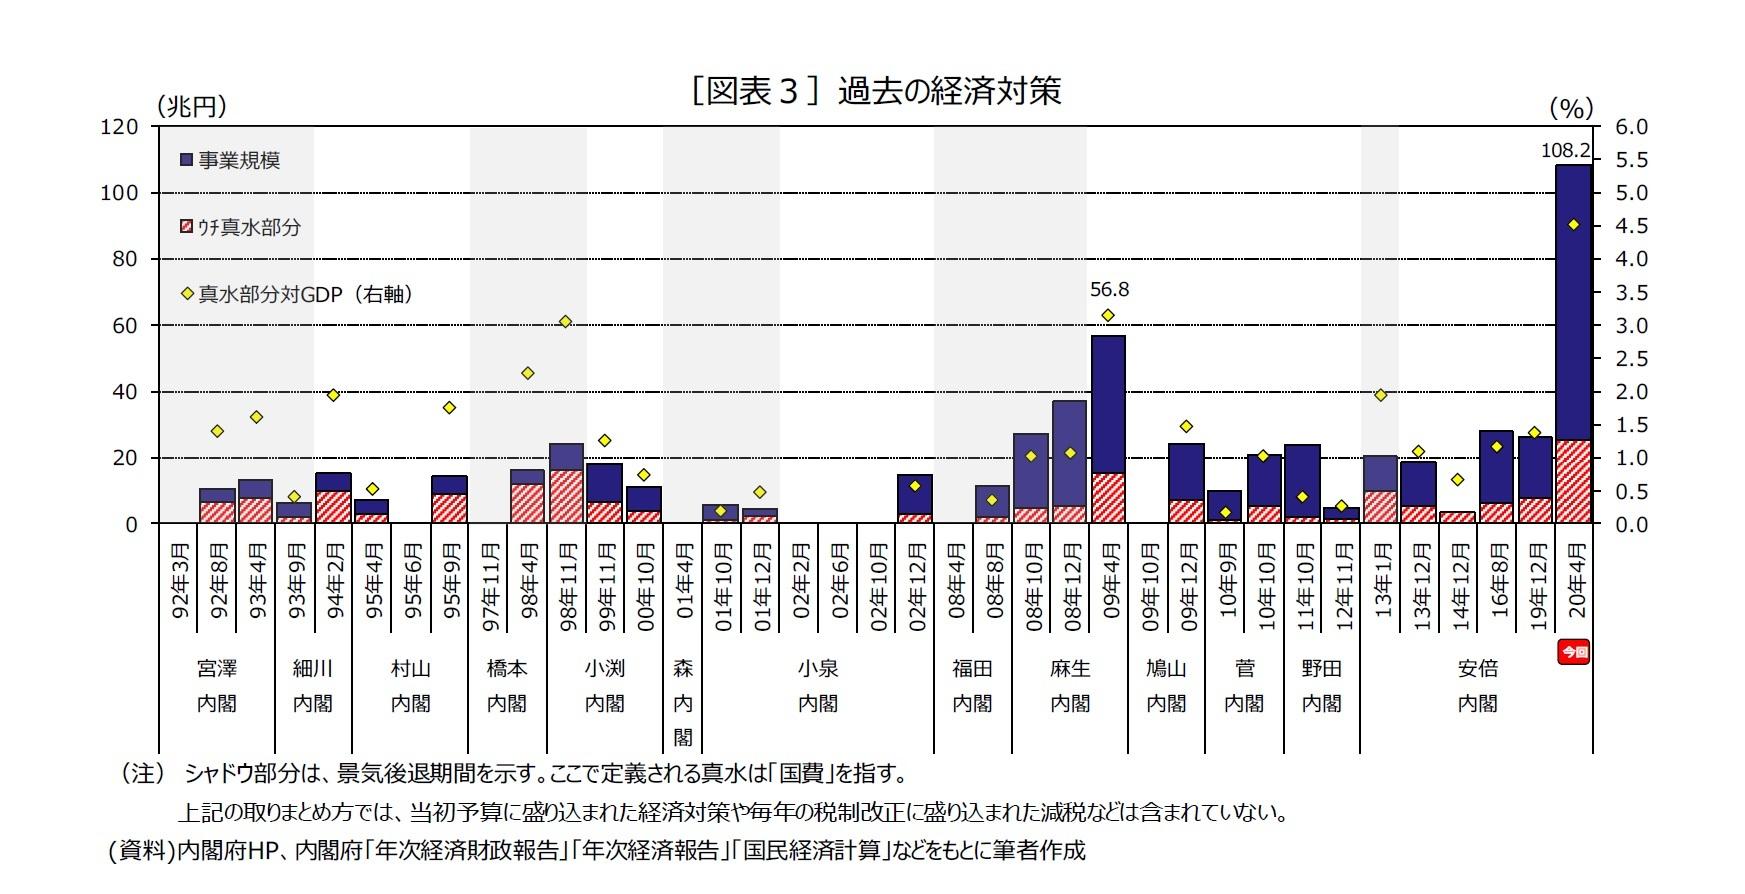 [図表3]過去の経済対策